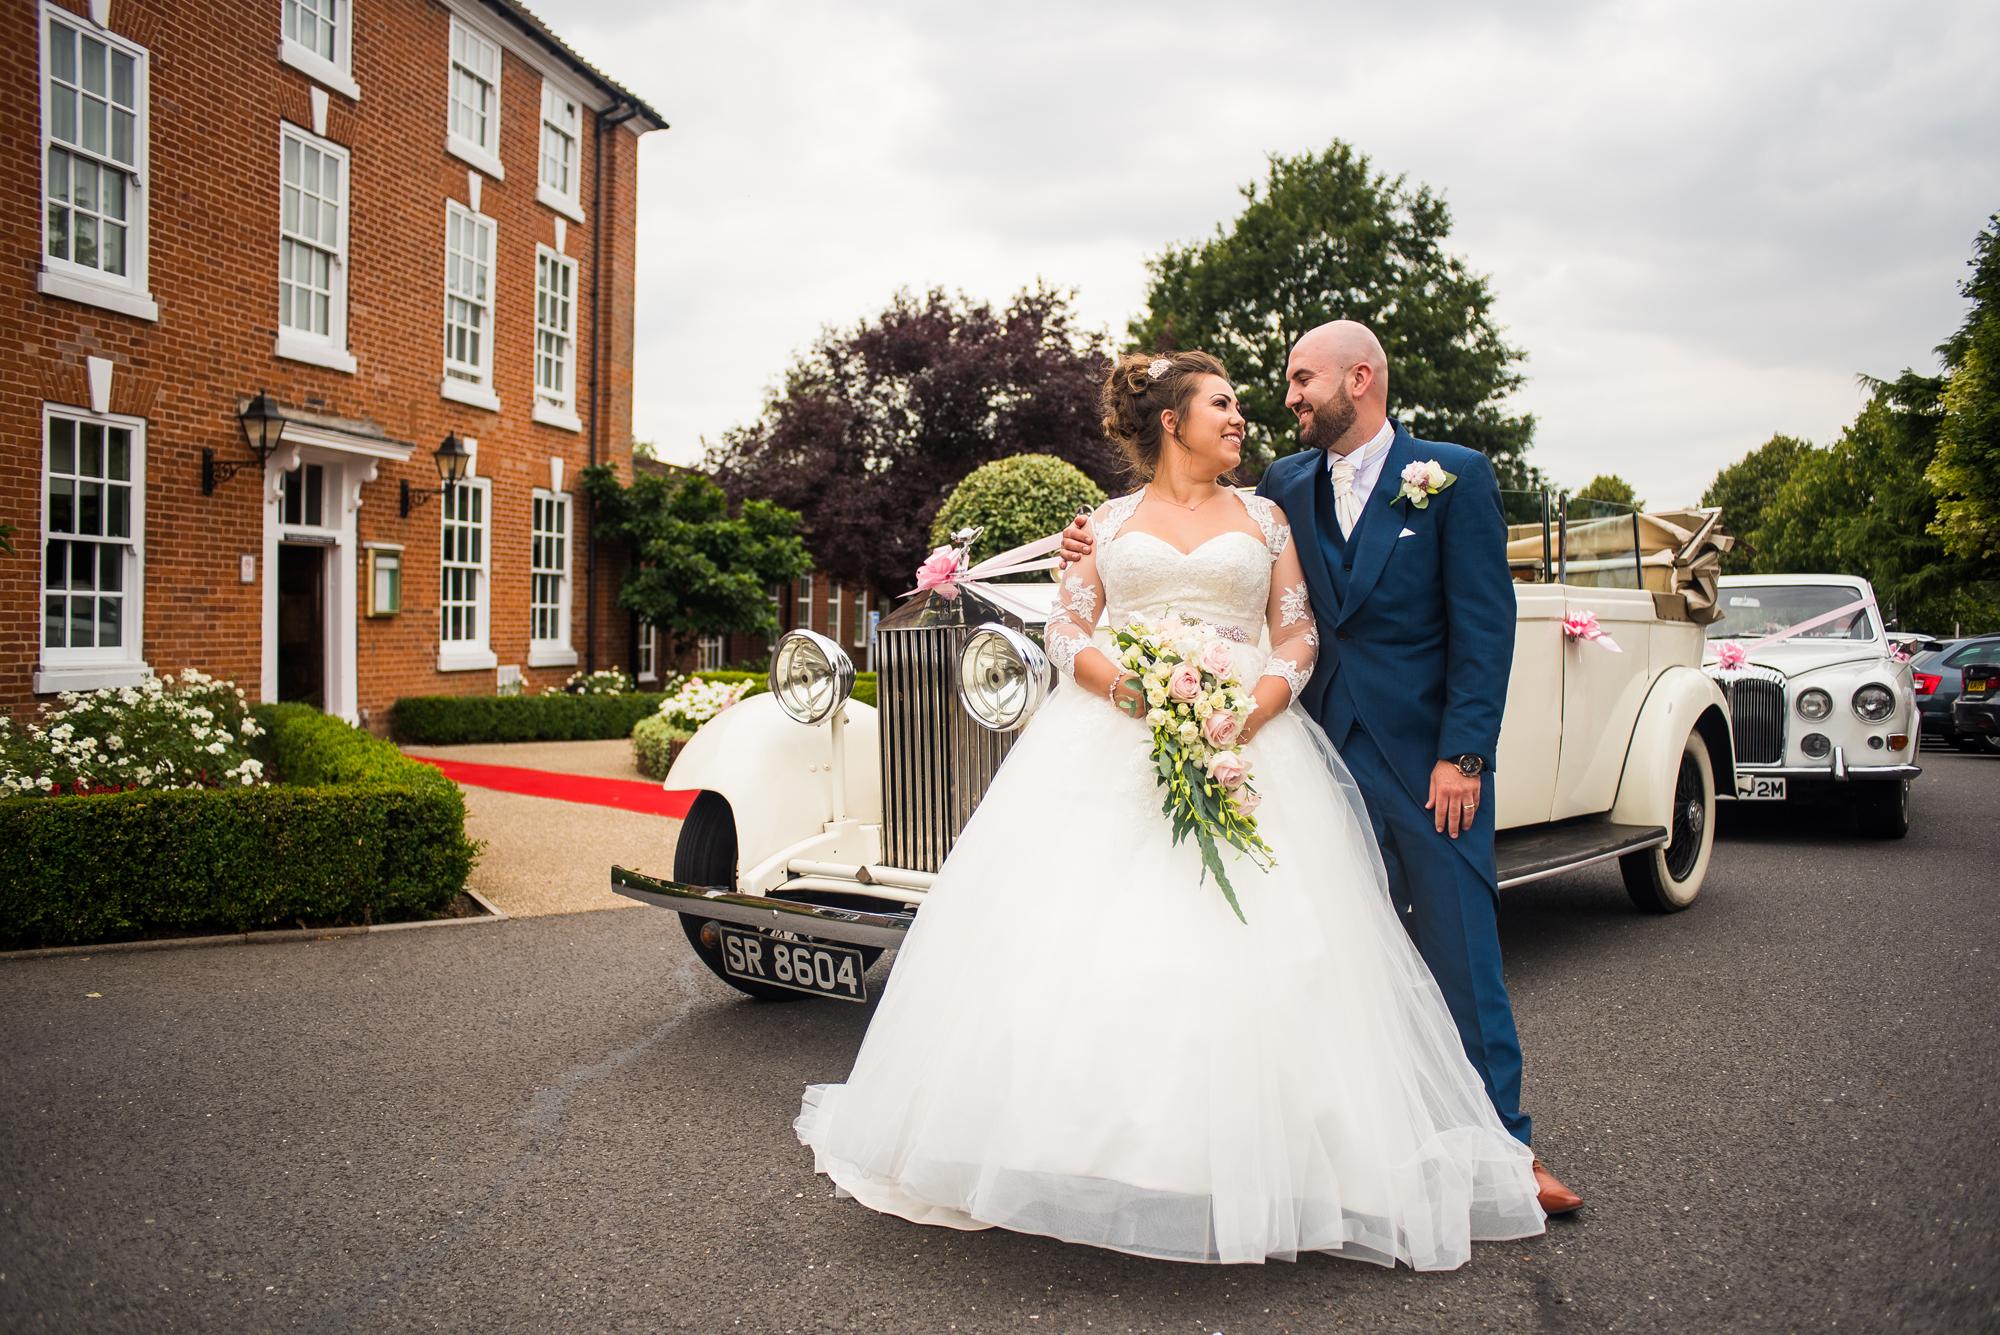 Roise and John wedding photos (224 of 383).jpg